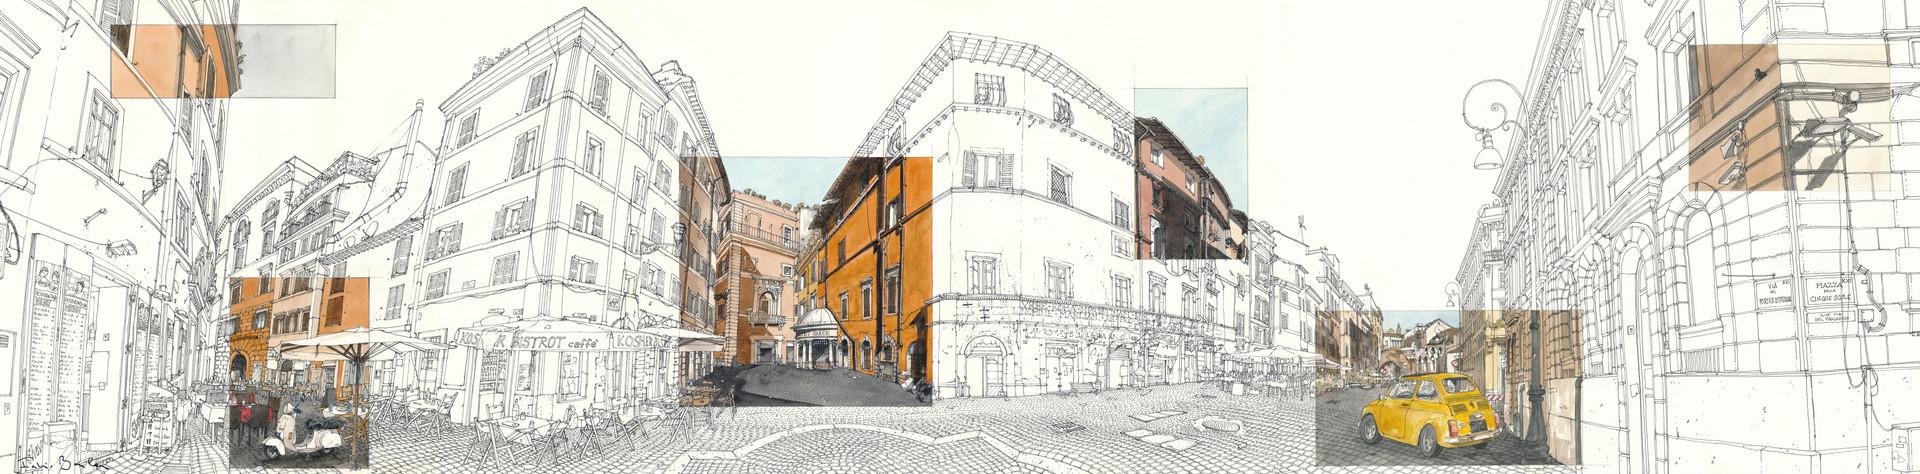 Roma _ In the Ghetto